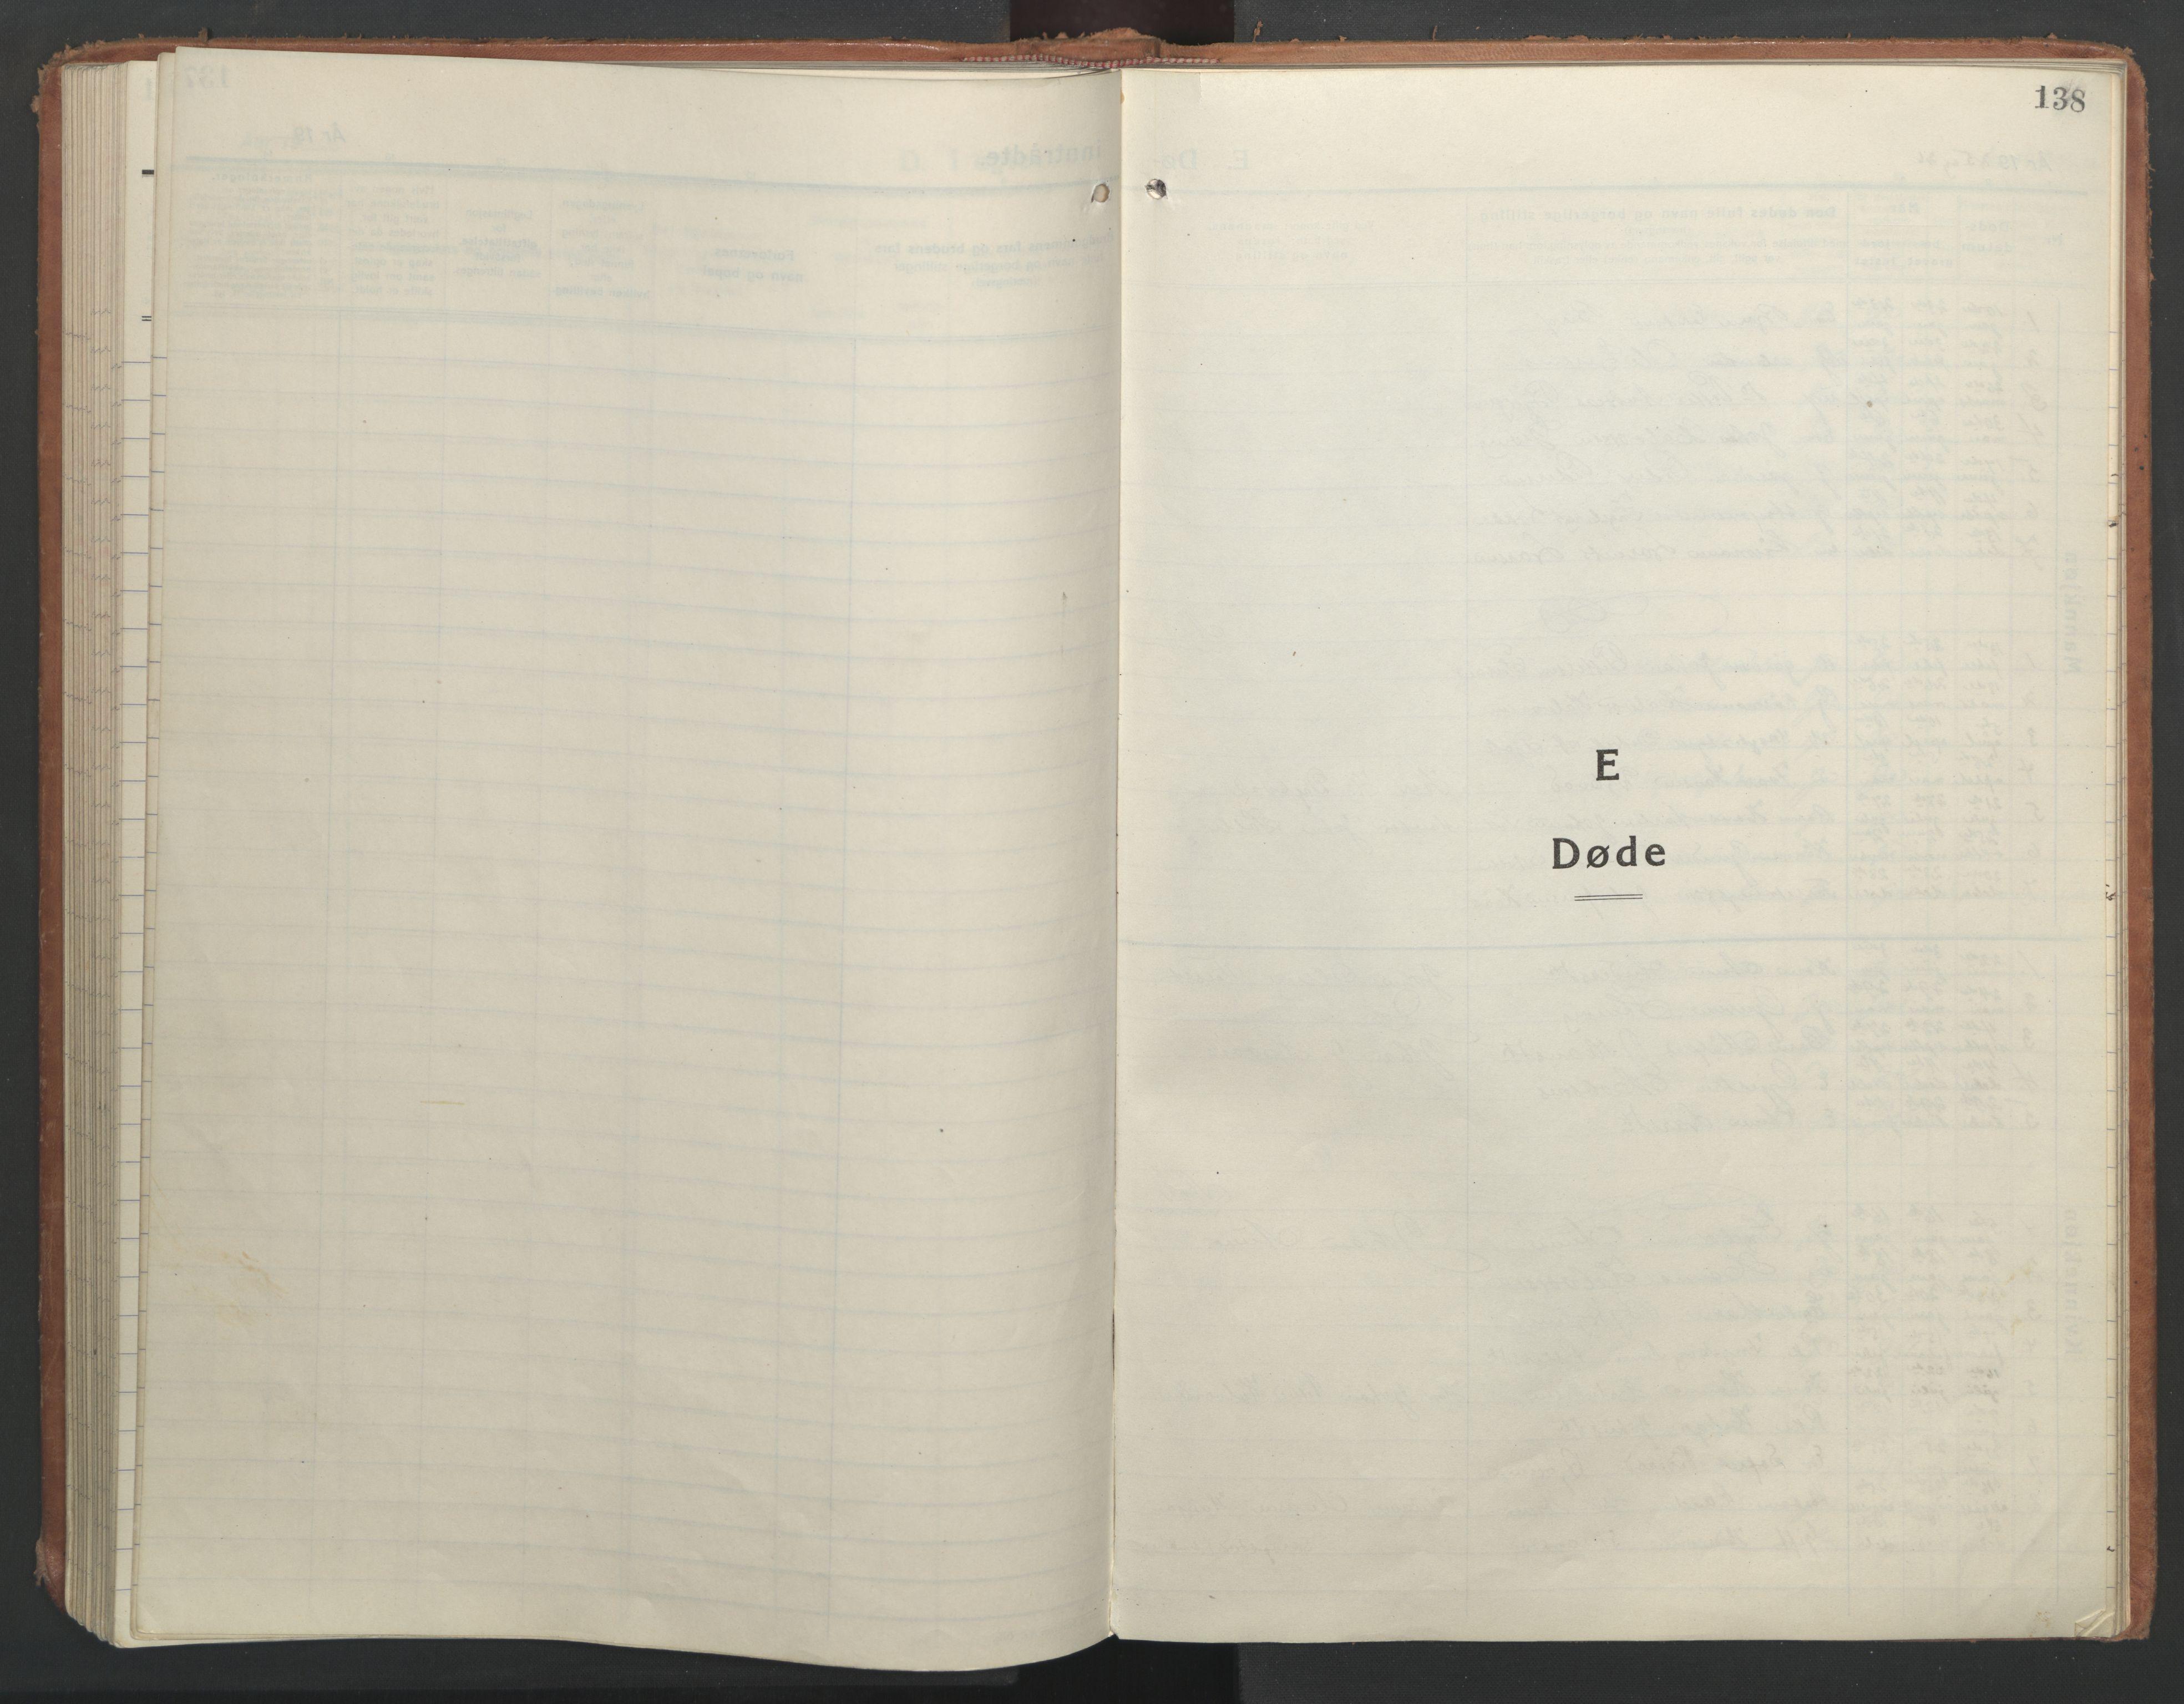 SAT, Ministerialprotokoller, klokkerbøker og fødselsregistre - Nord-Trøndelag, 710/L0097: Klokkerbok nr. 710C02, 1925-1955, s. 138